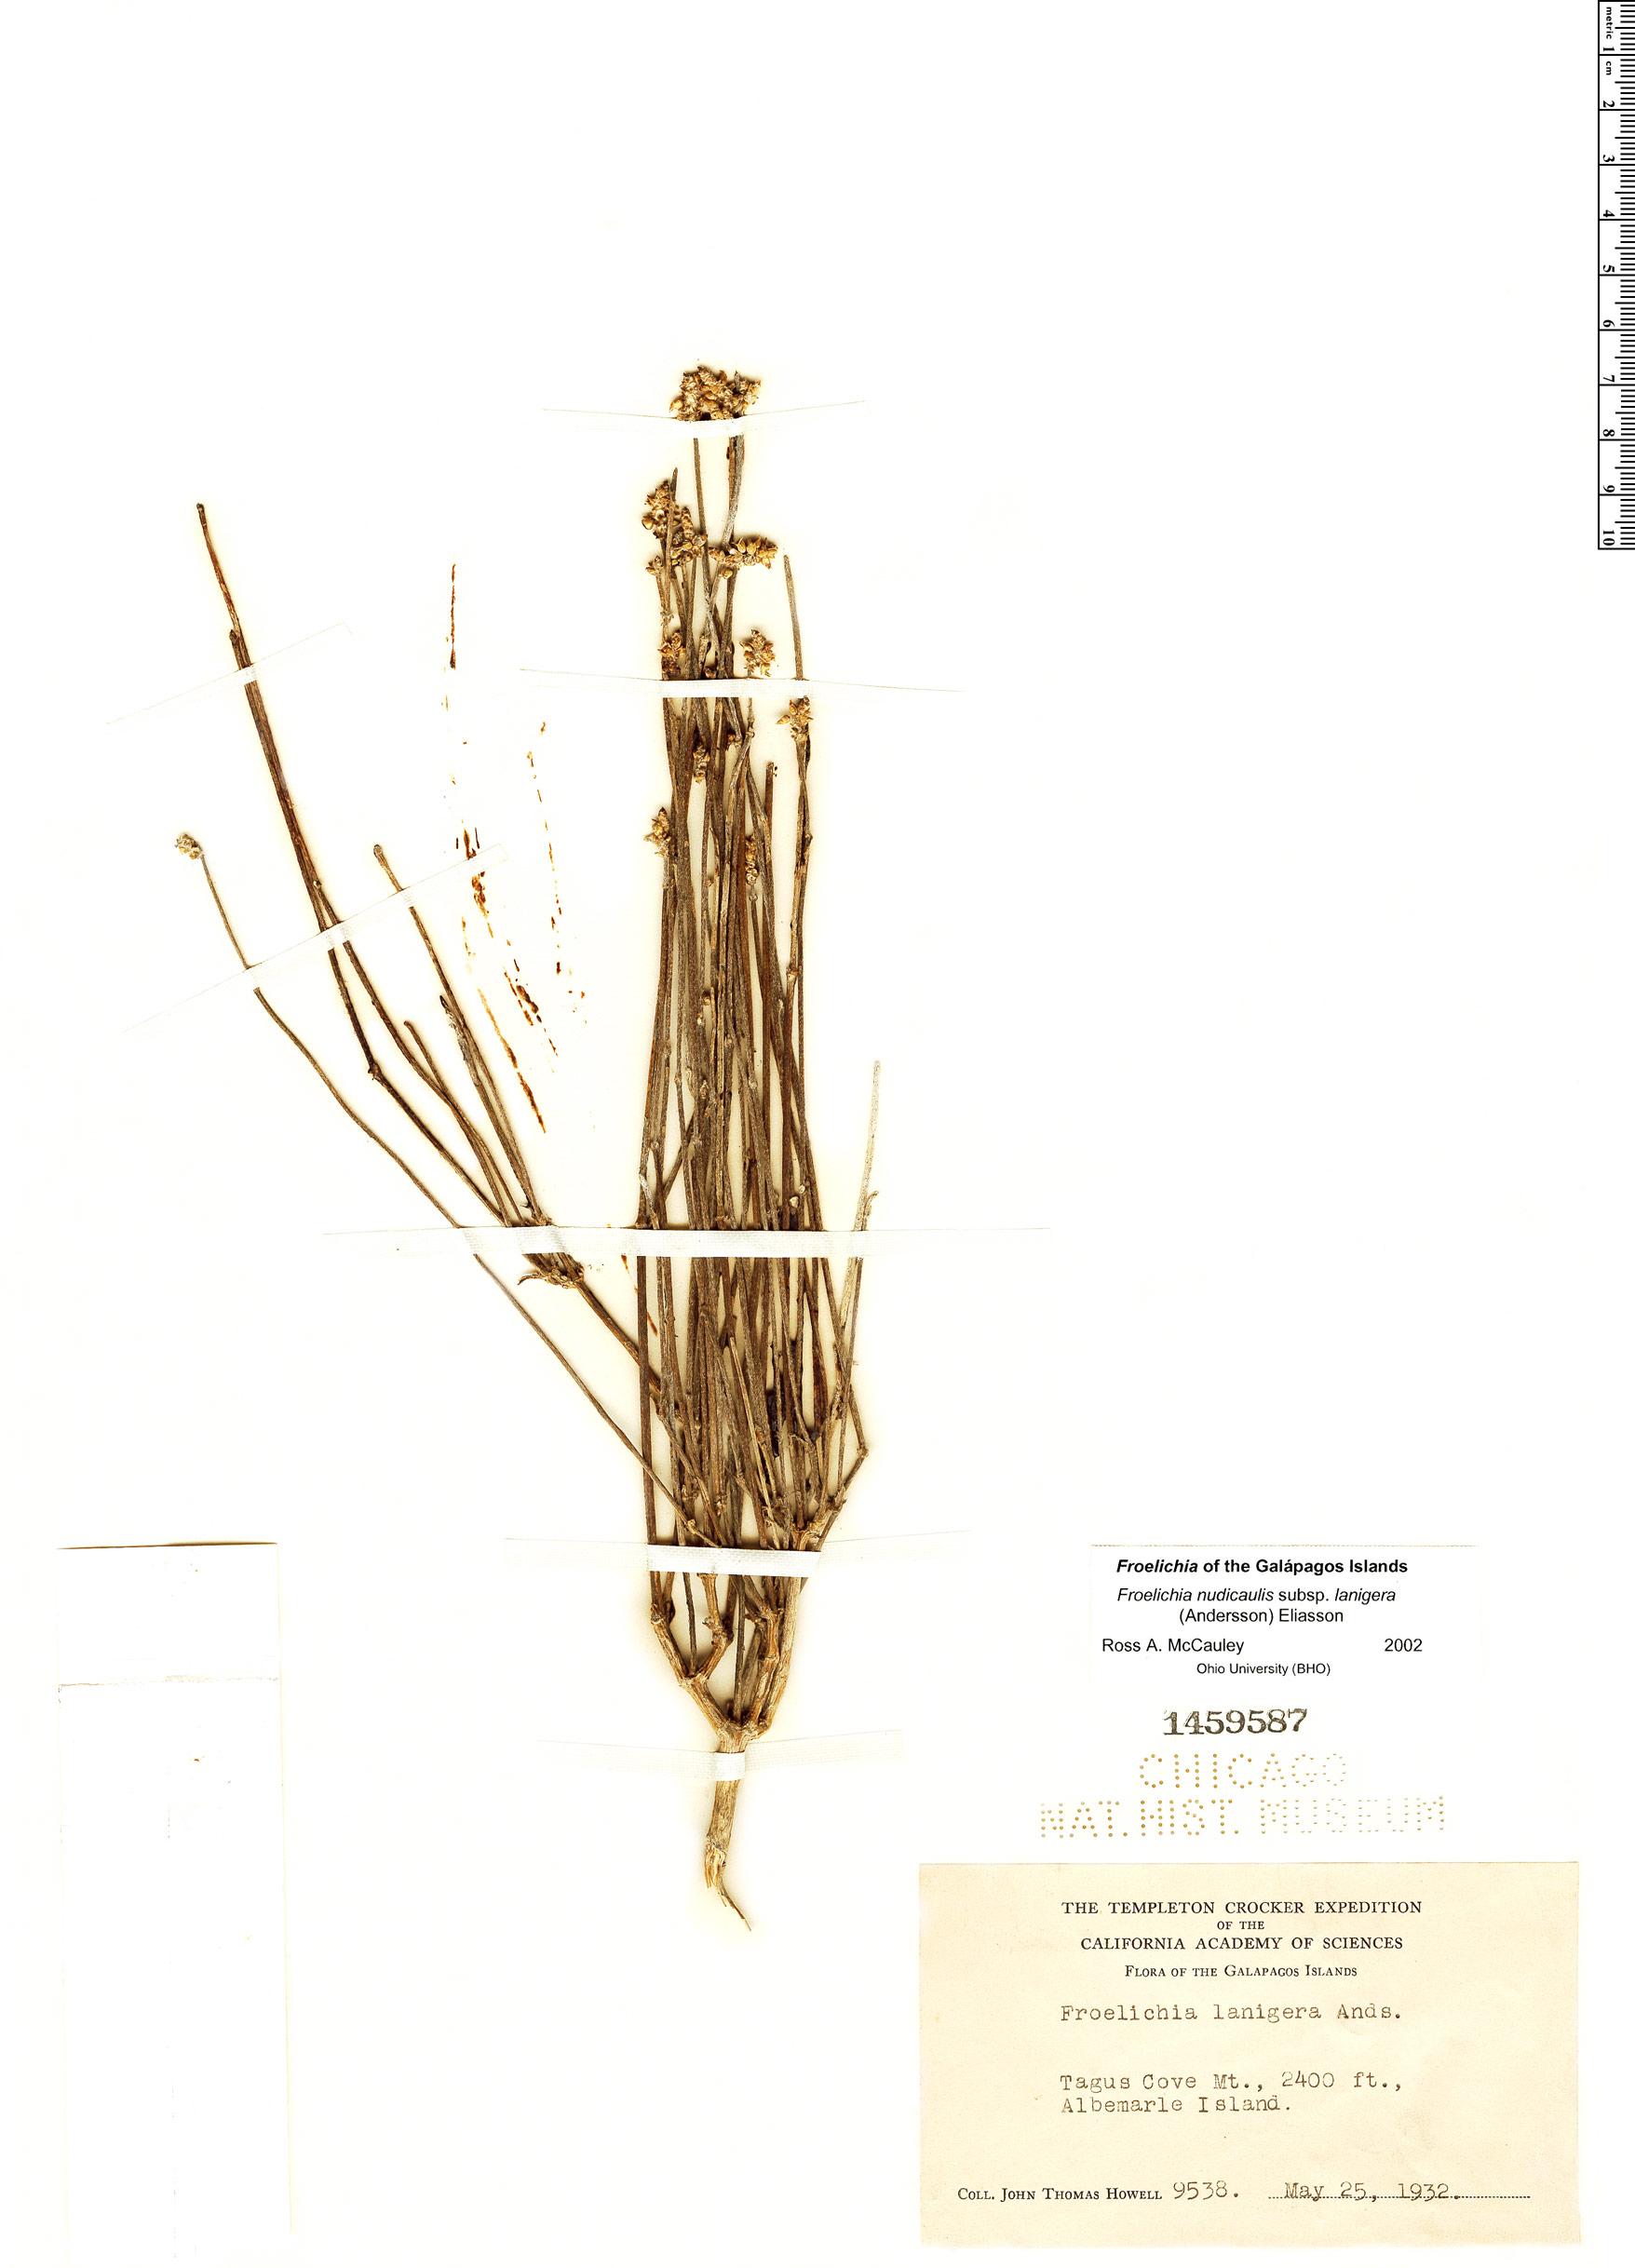 Froelichia nudicaulis image